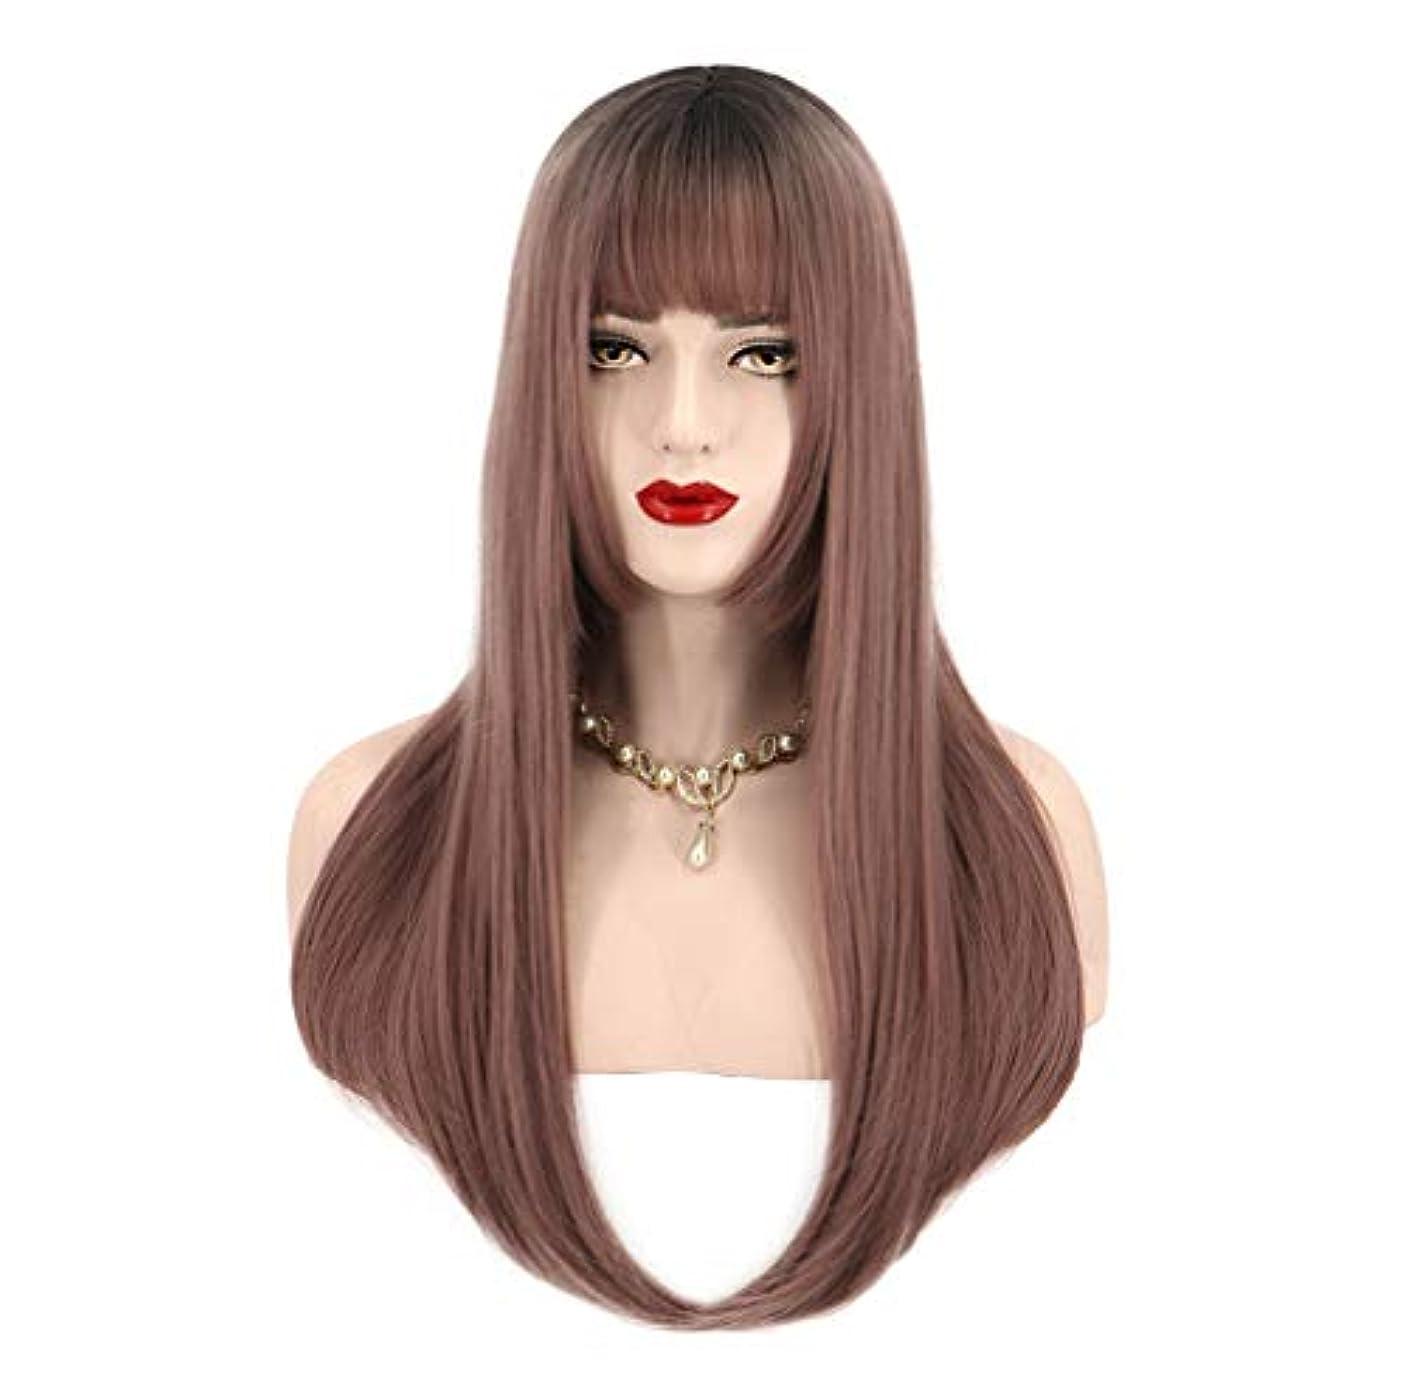 核カンガルー近所の女性用人工毛ウィッグロングストレート耐熱性毛先取り済み150%密度ブラウン65cm